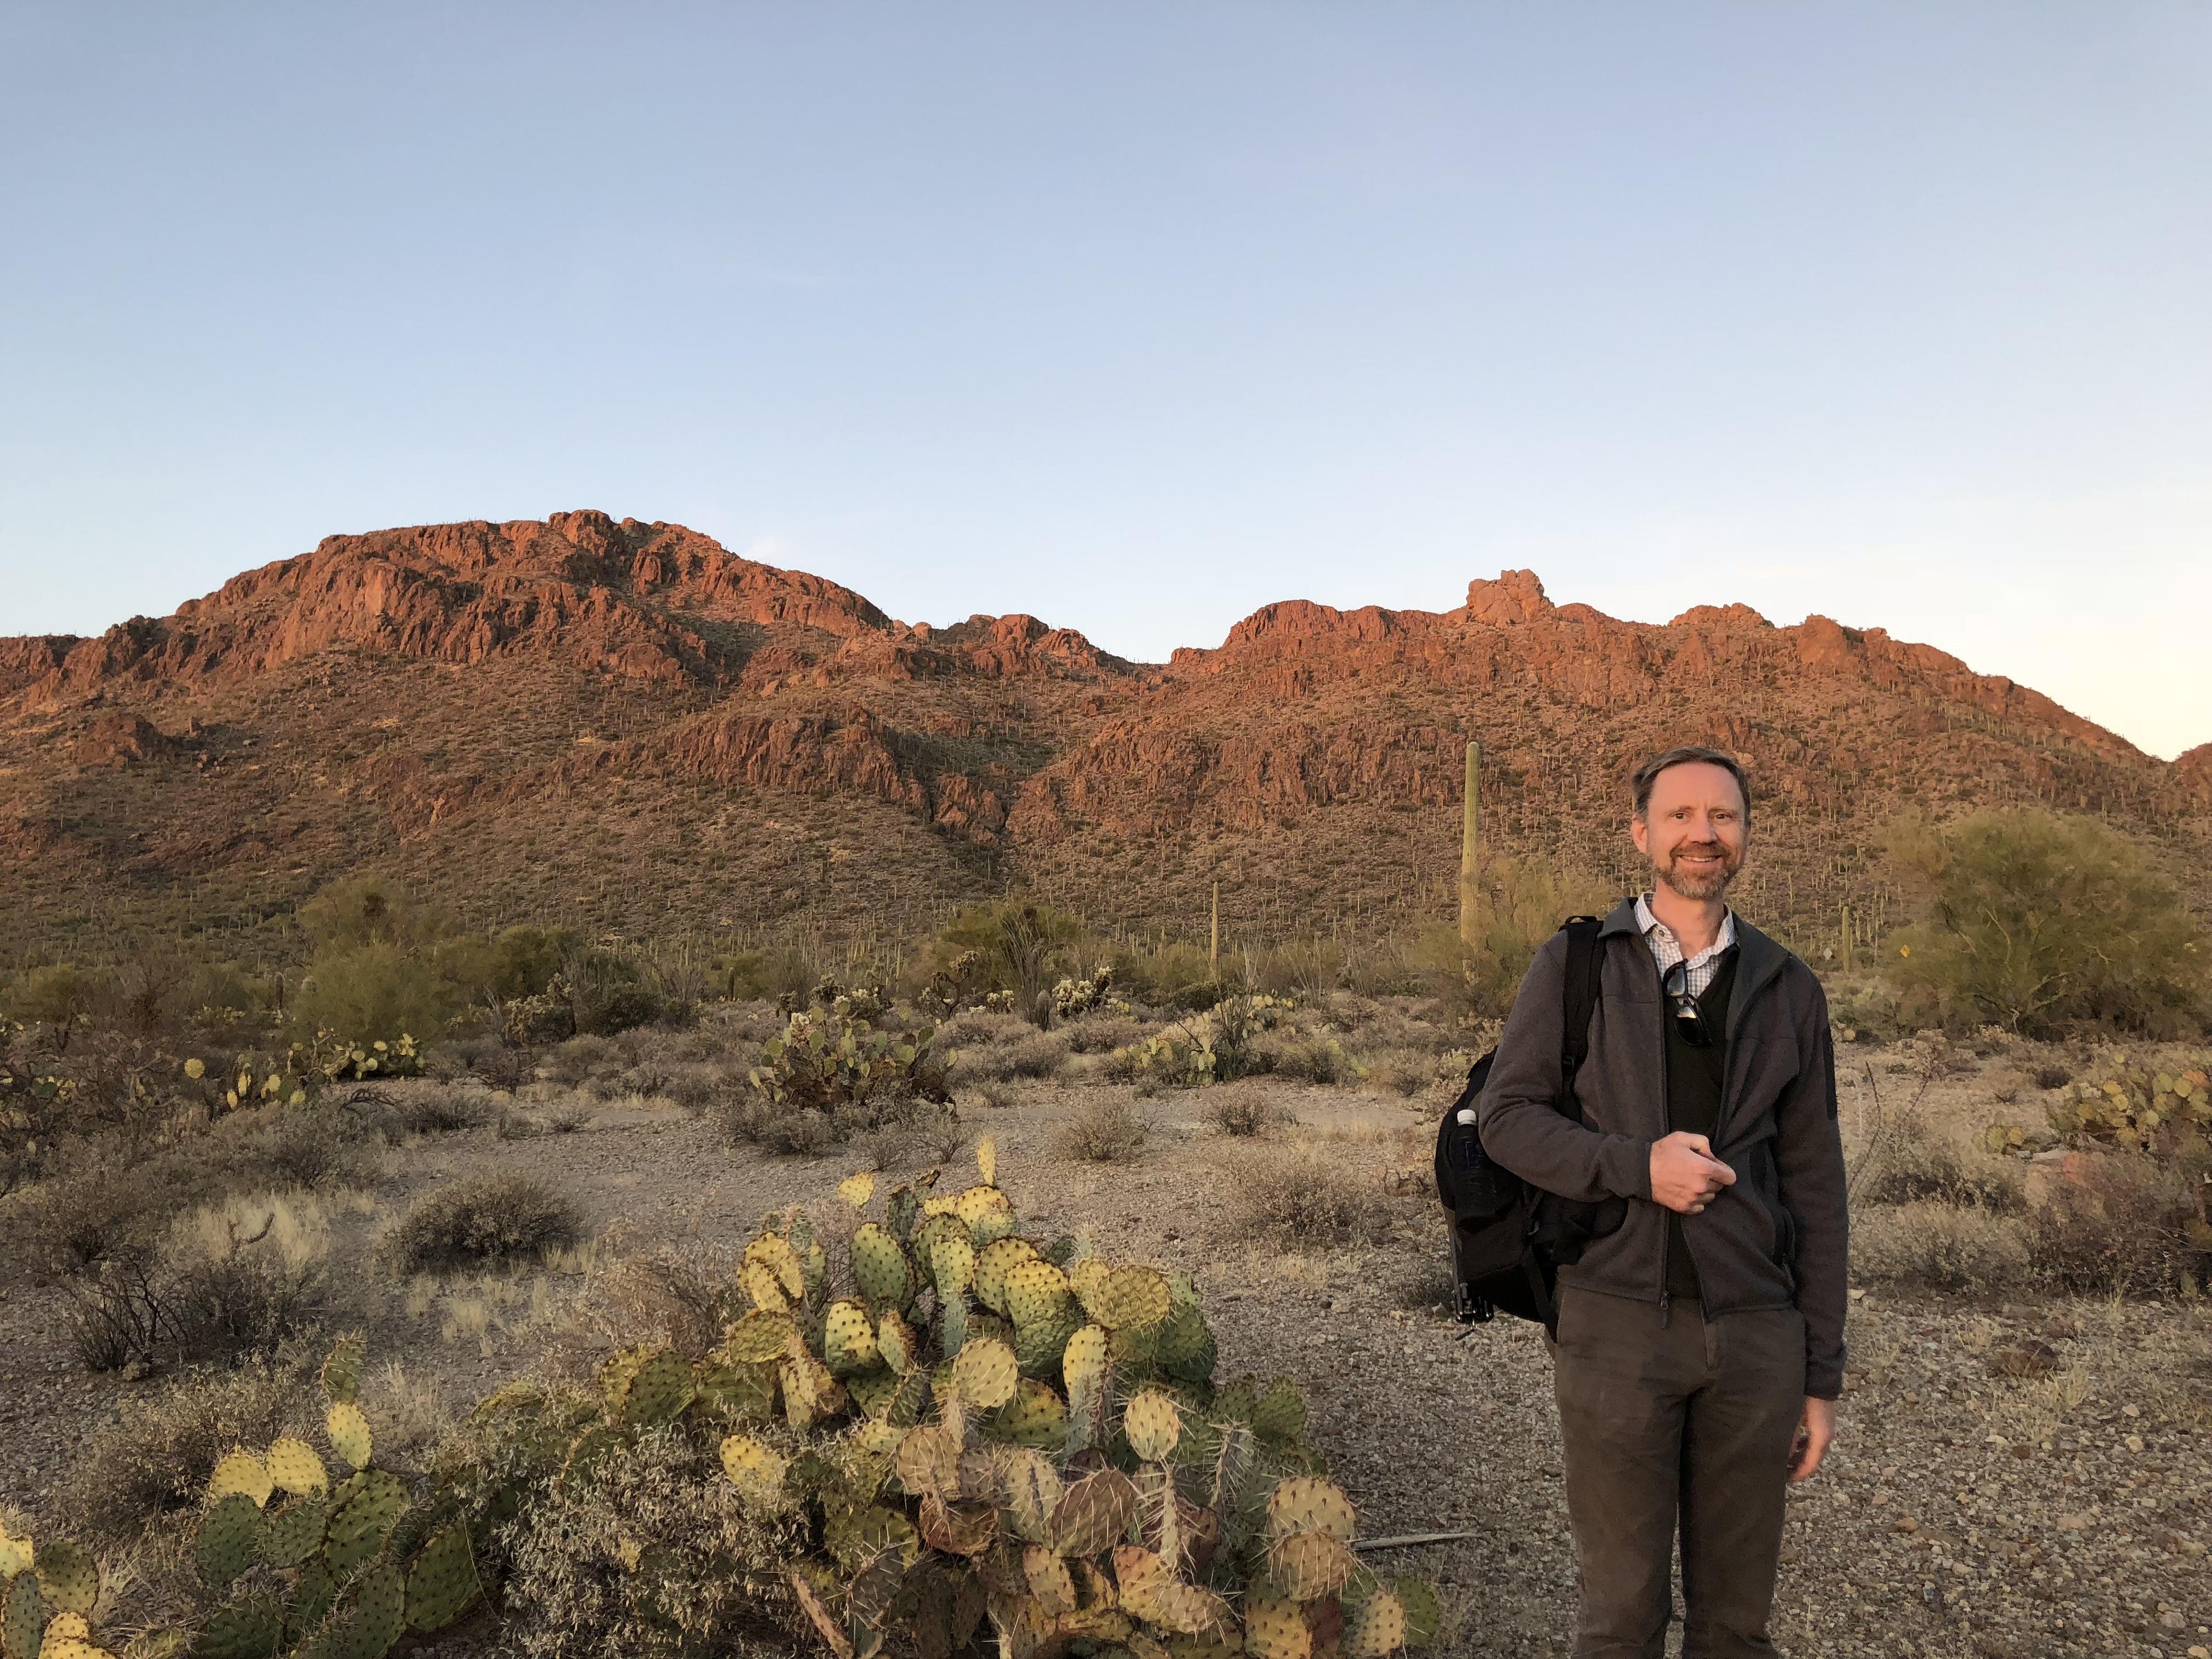 Scott in a lovely desert scene